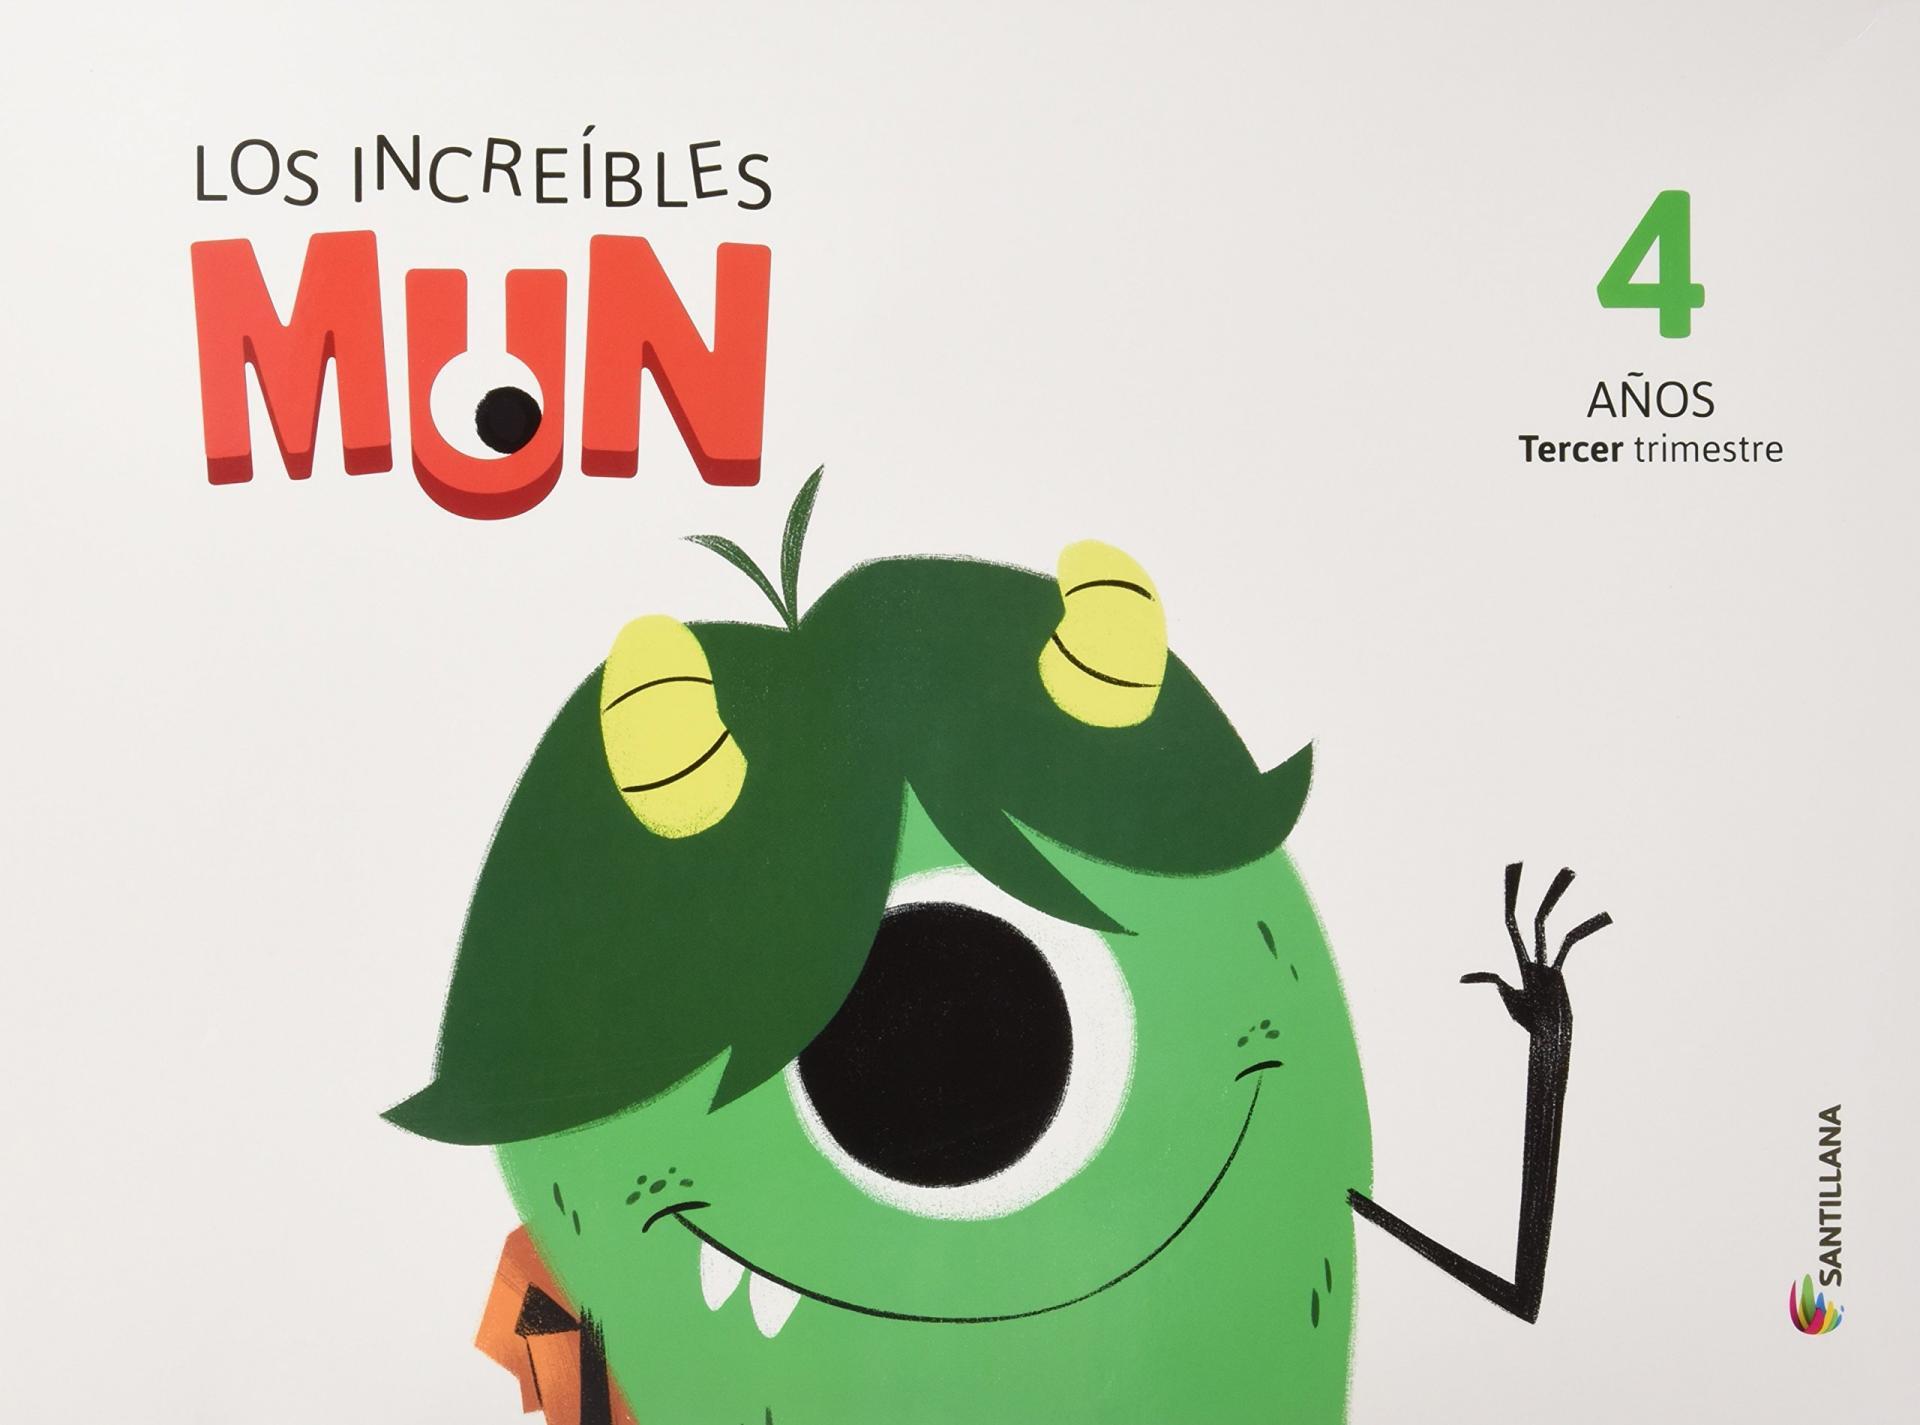 LIBRO DE TEXTO - 2 INFANTIL LOS INCREÍBLES MUN 3 TRIMESTRE 4 AÑOS